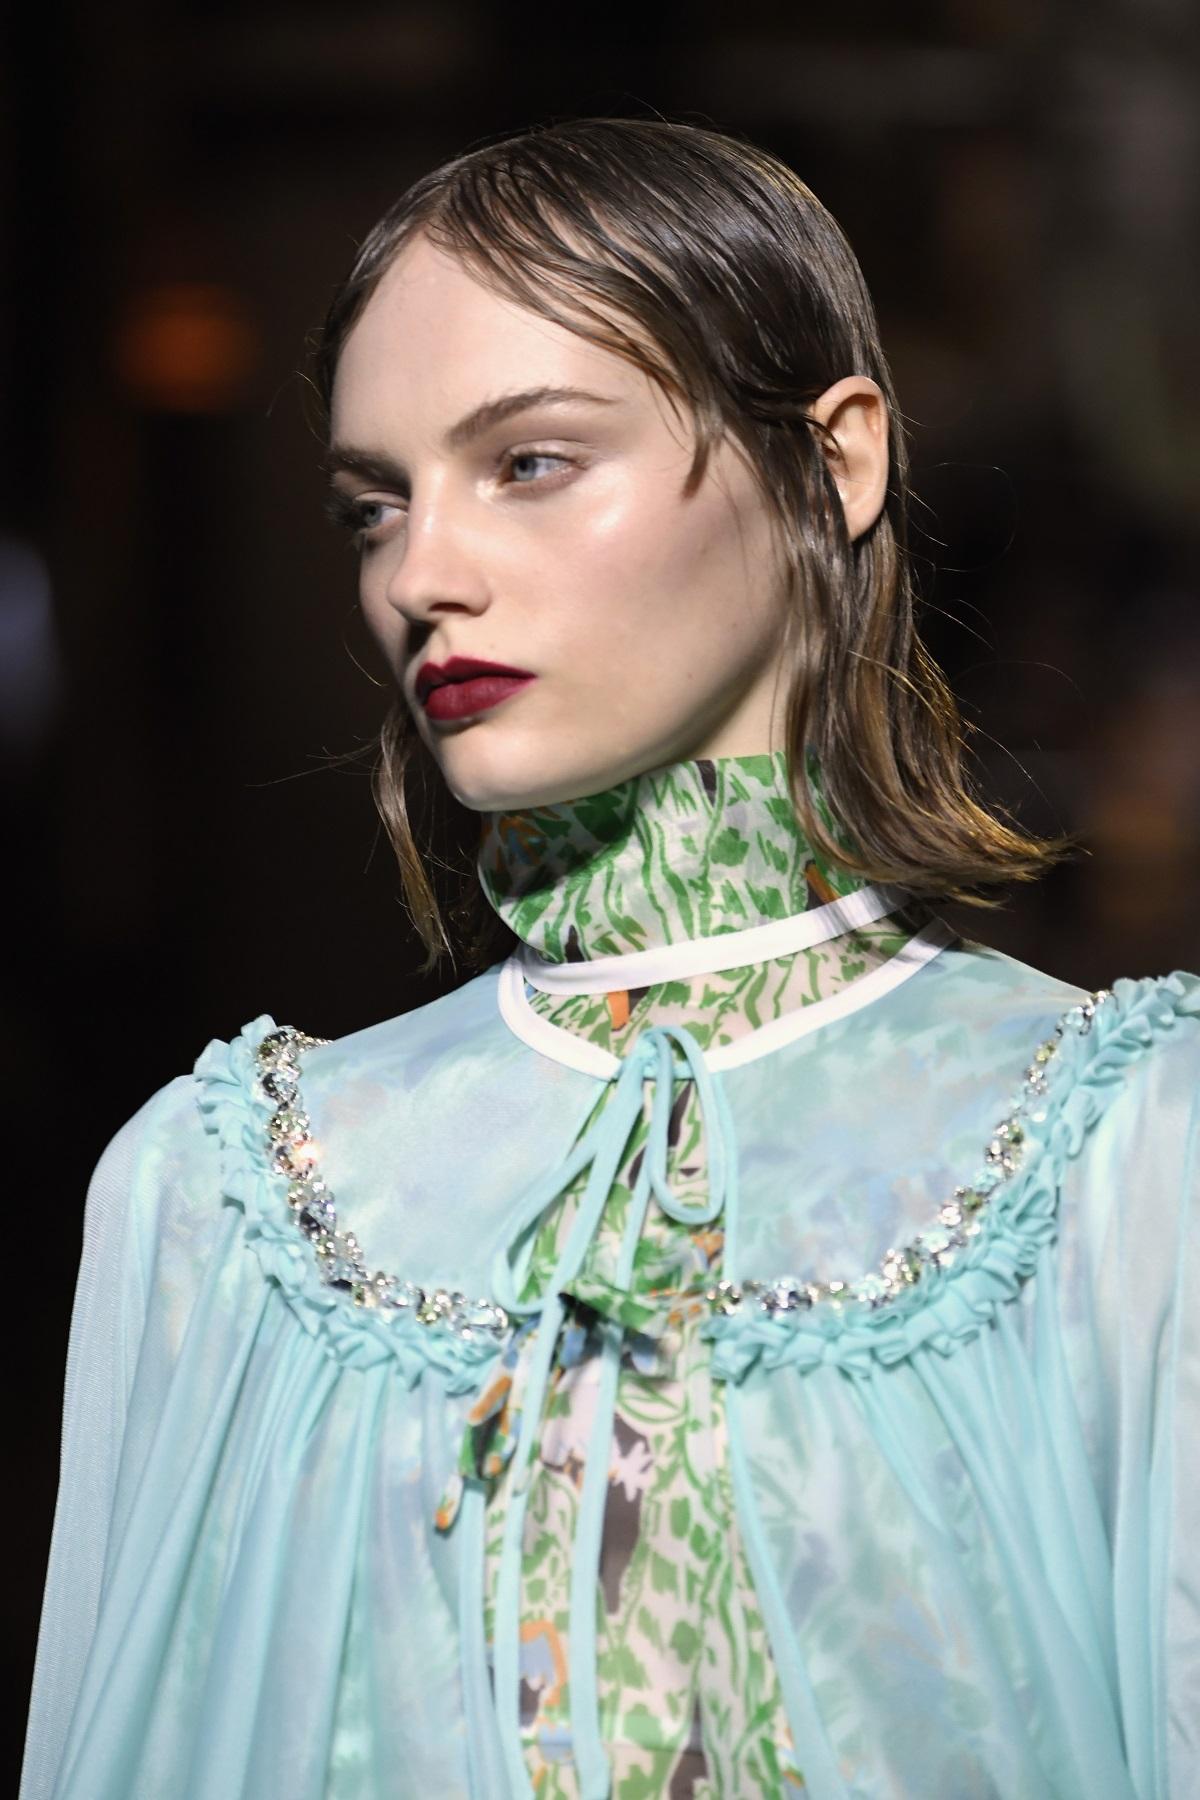 Фризьорите, погрижили се за прическите на моделите от ревюто на италианската марка Miu Miu, заложиха на мокрие ефект в косите. Актрисата Ума Търман също бе част от модното шоу.